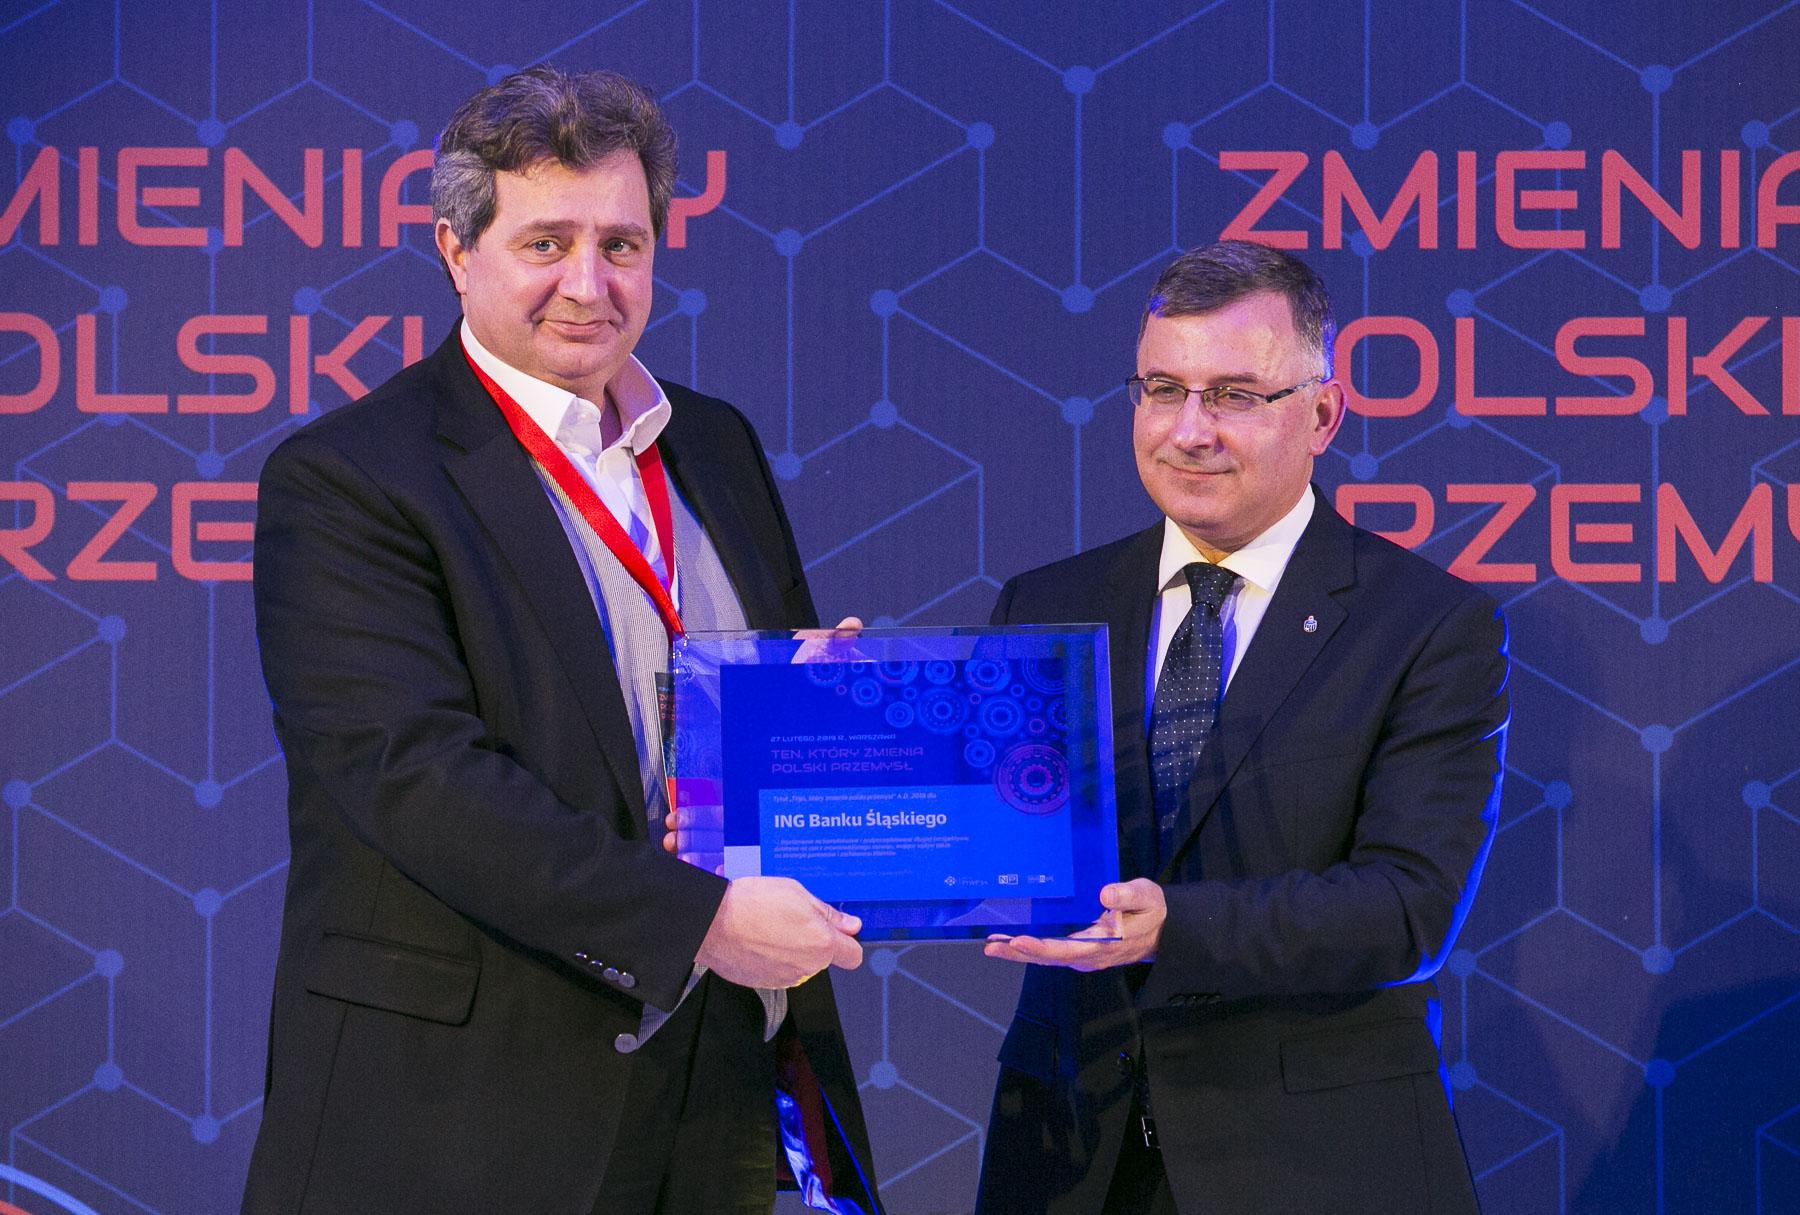 Brunon Bartkiewicz, prezes ING Banku Śląskiego odebrał nagrodę z rąk Zbigniewa Jagiełły, prezesa PKO Banku Polskiego